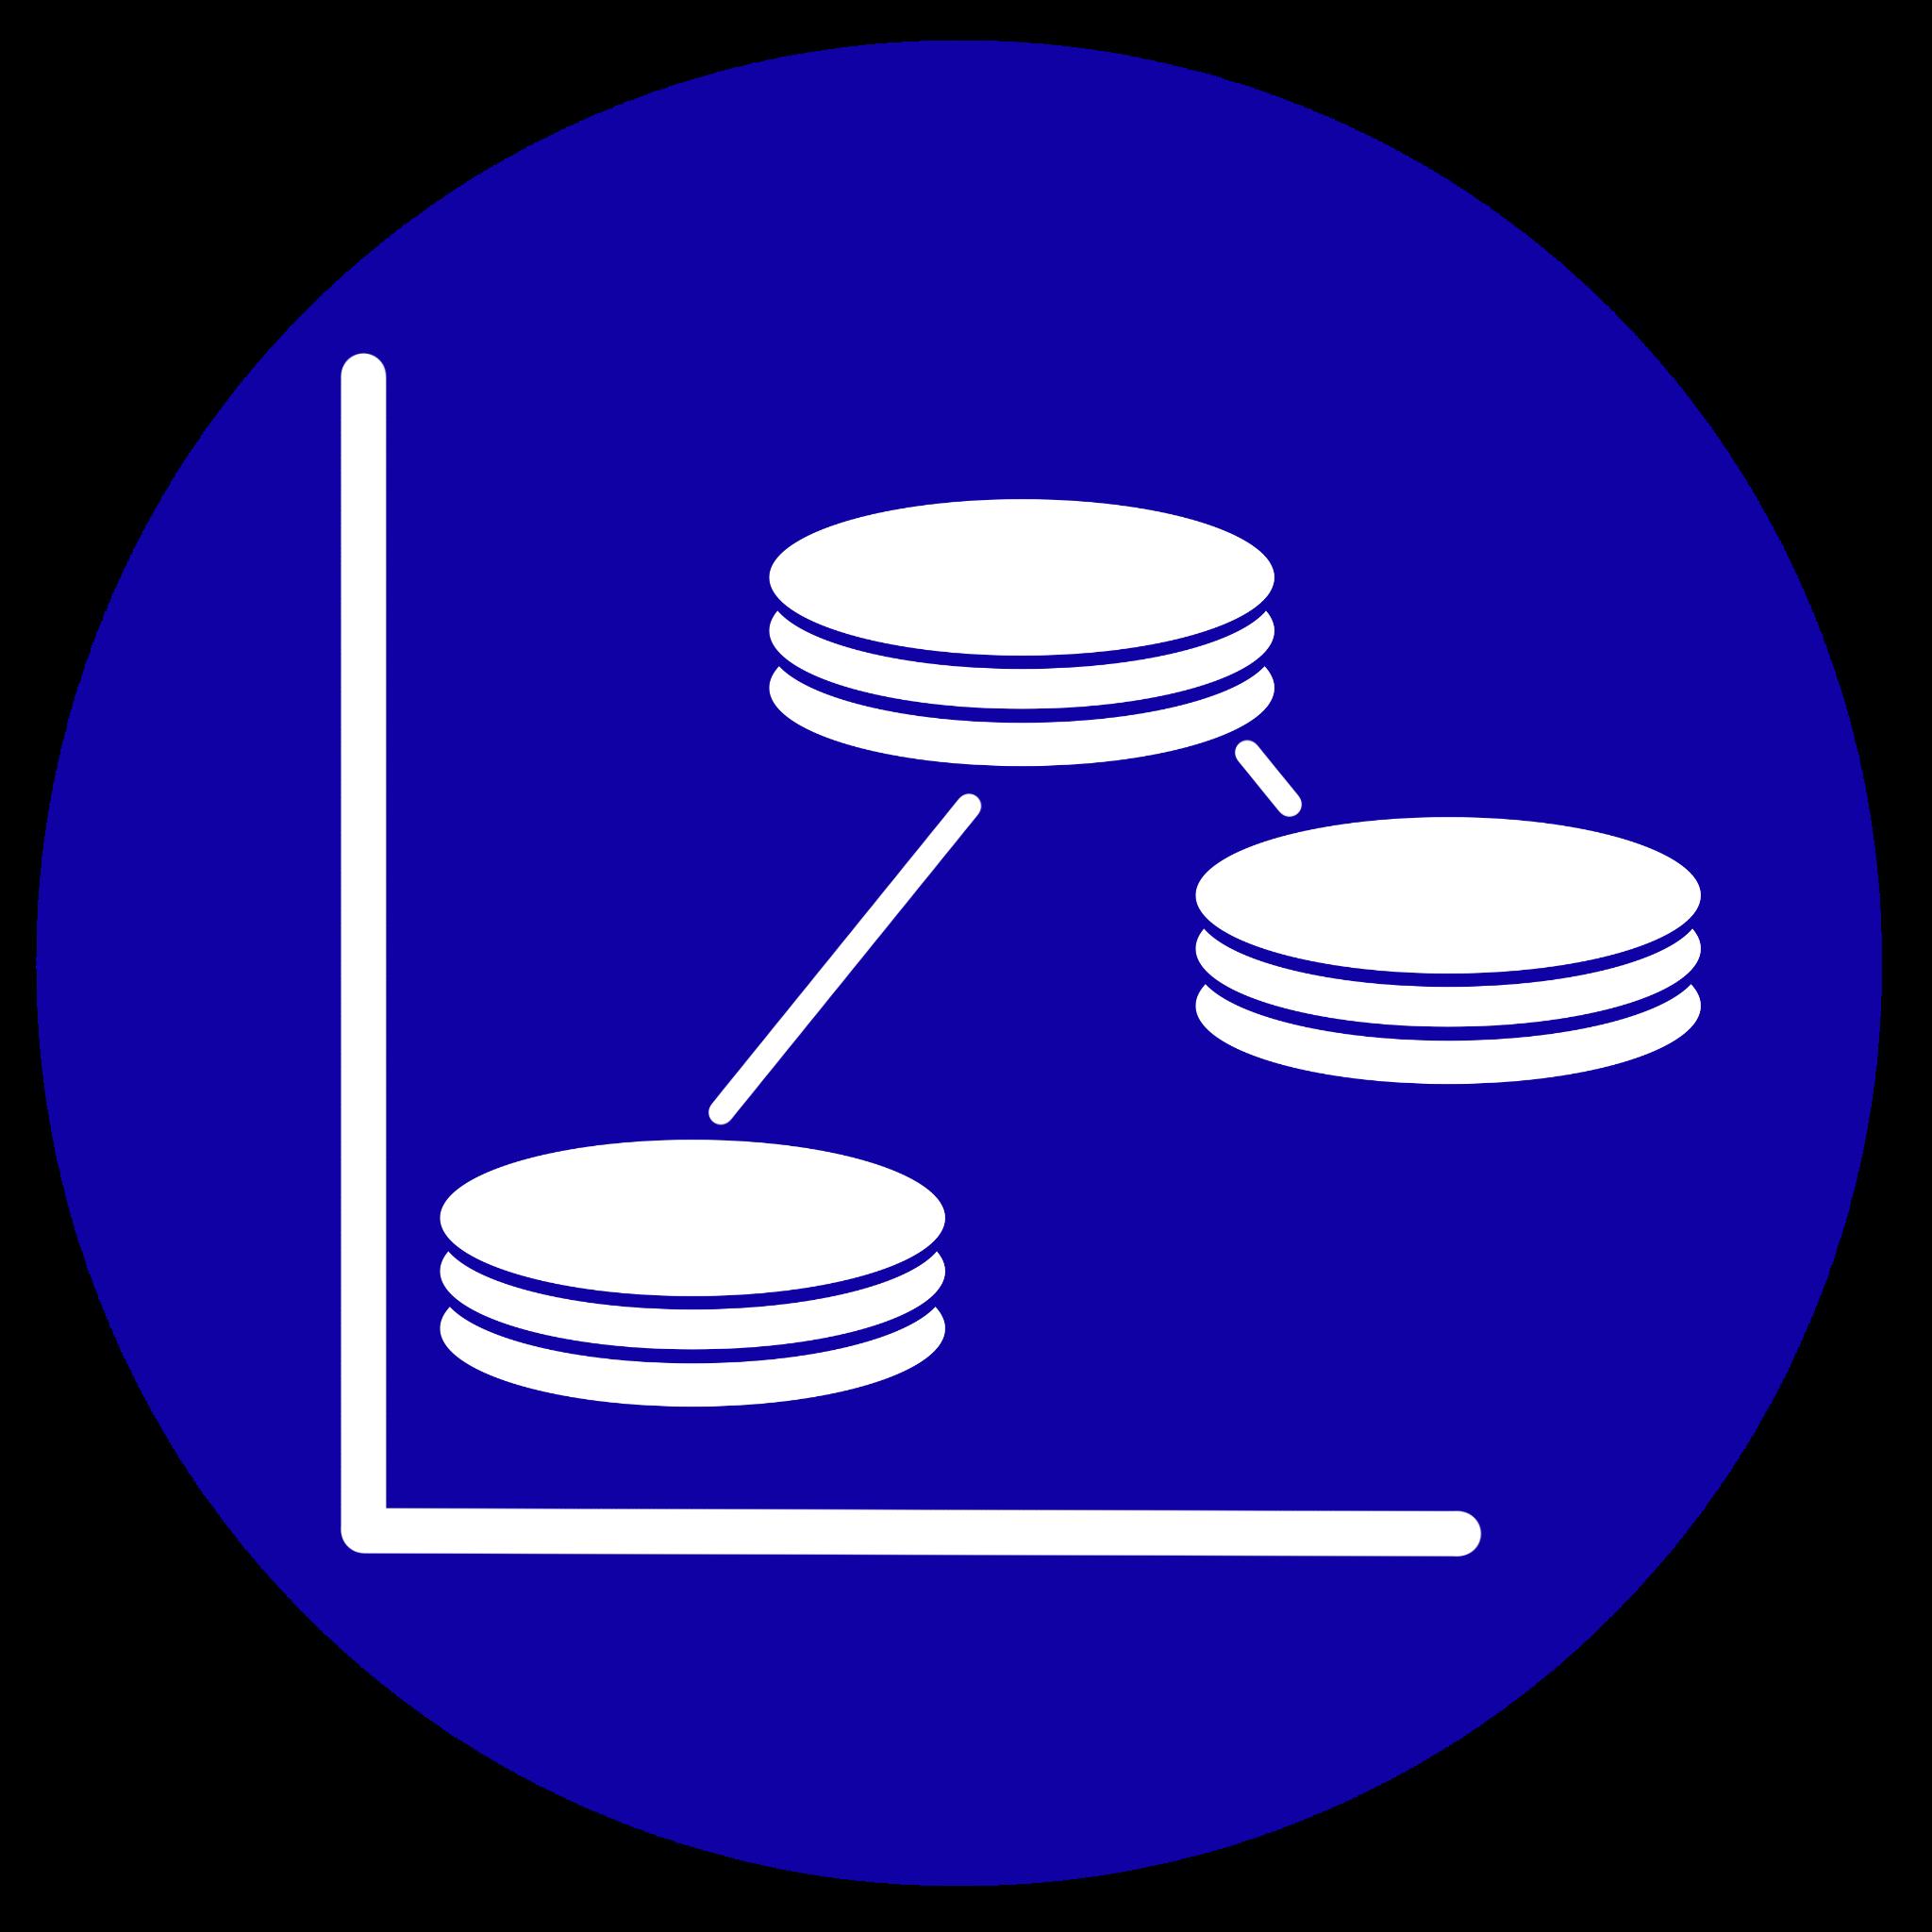 Icono que representa la distribución del coste personal